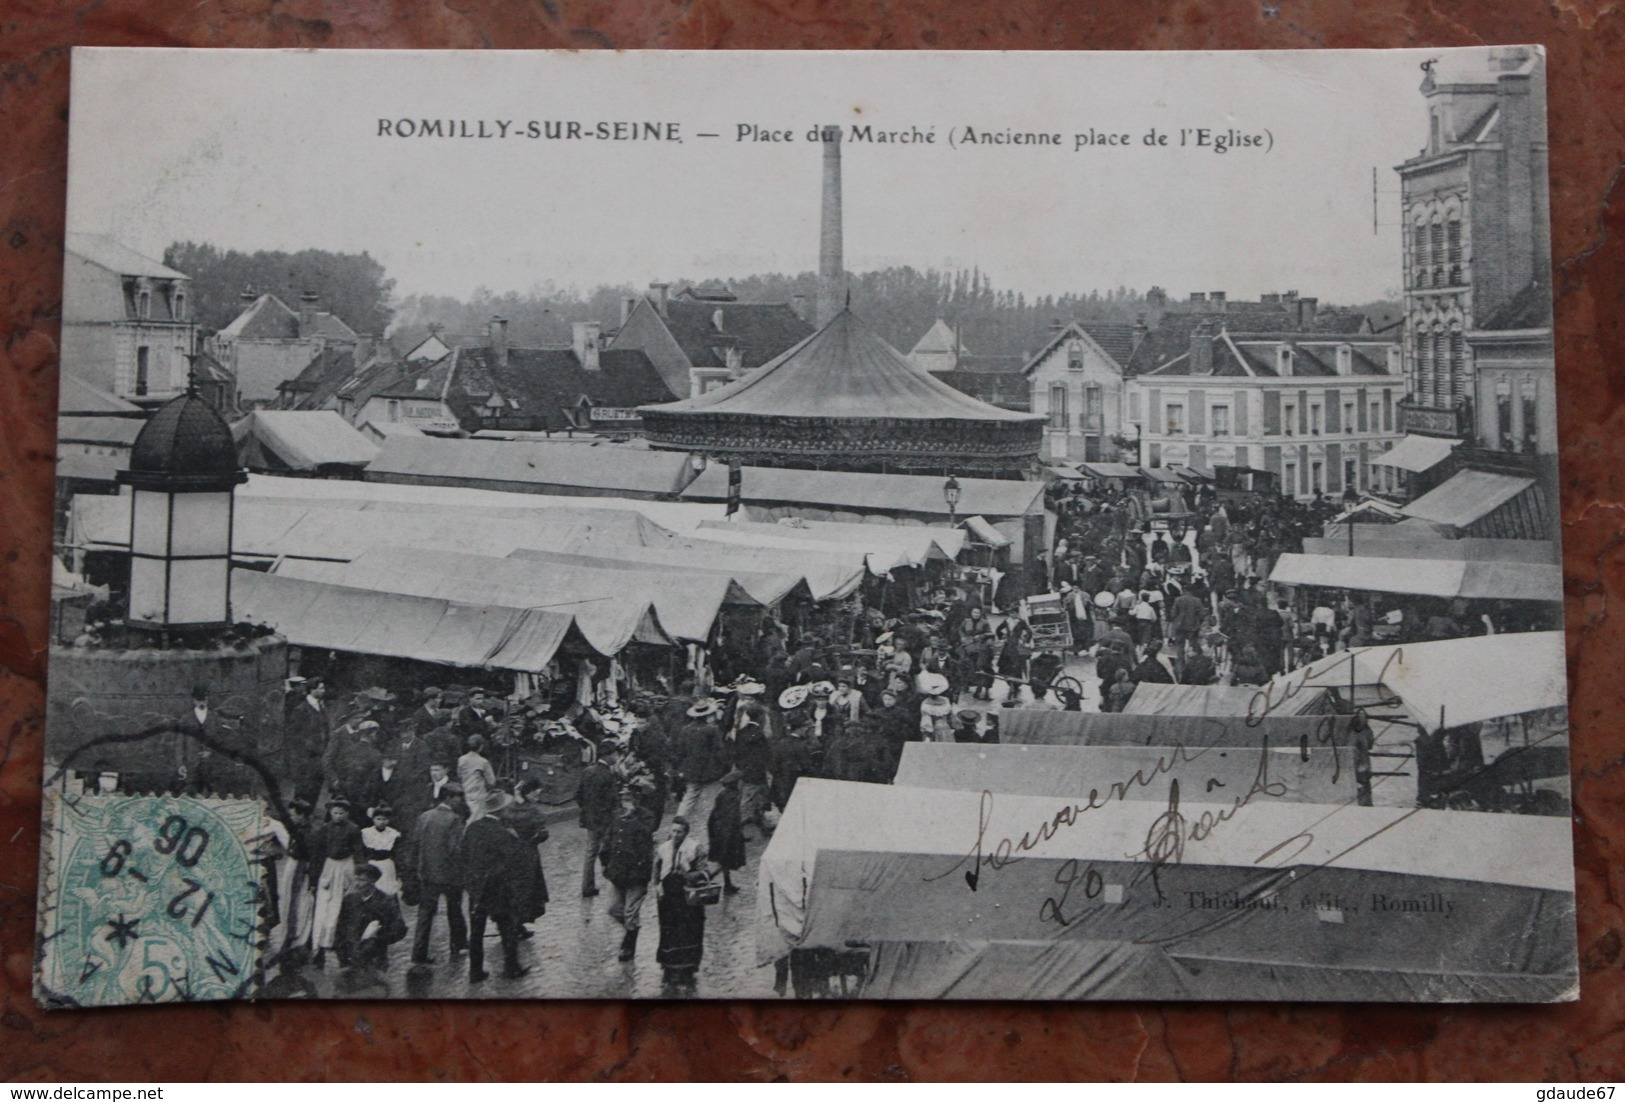 ROMILLY SUR SEINE (10) - PLACE DU MARCHE (ANCIENNE PLACE DE L'EGLISE) - Romilly-sur-Seine